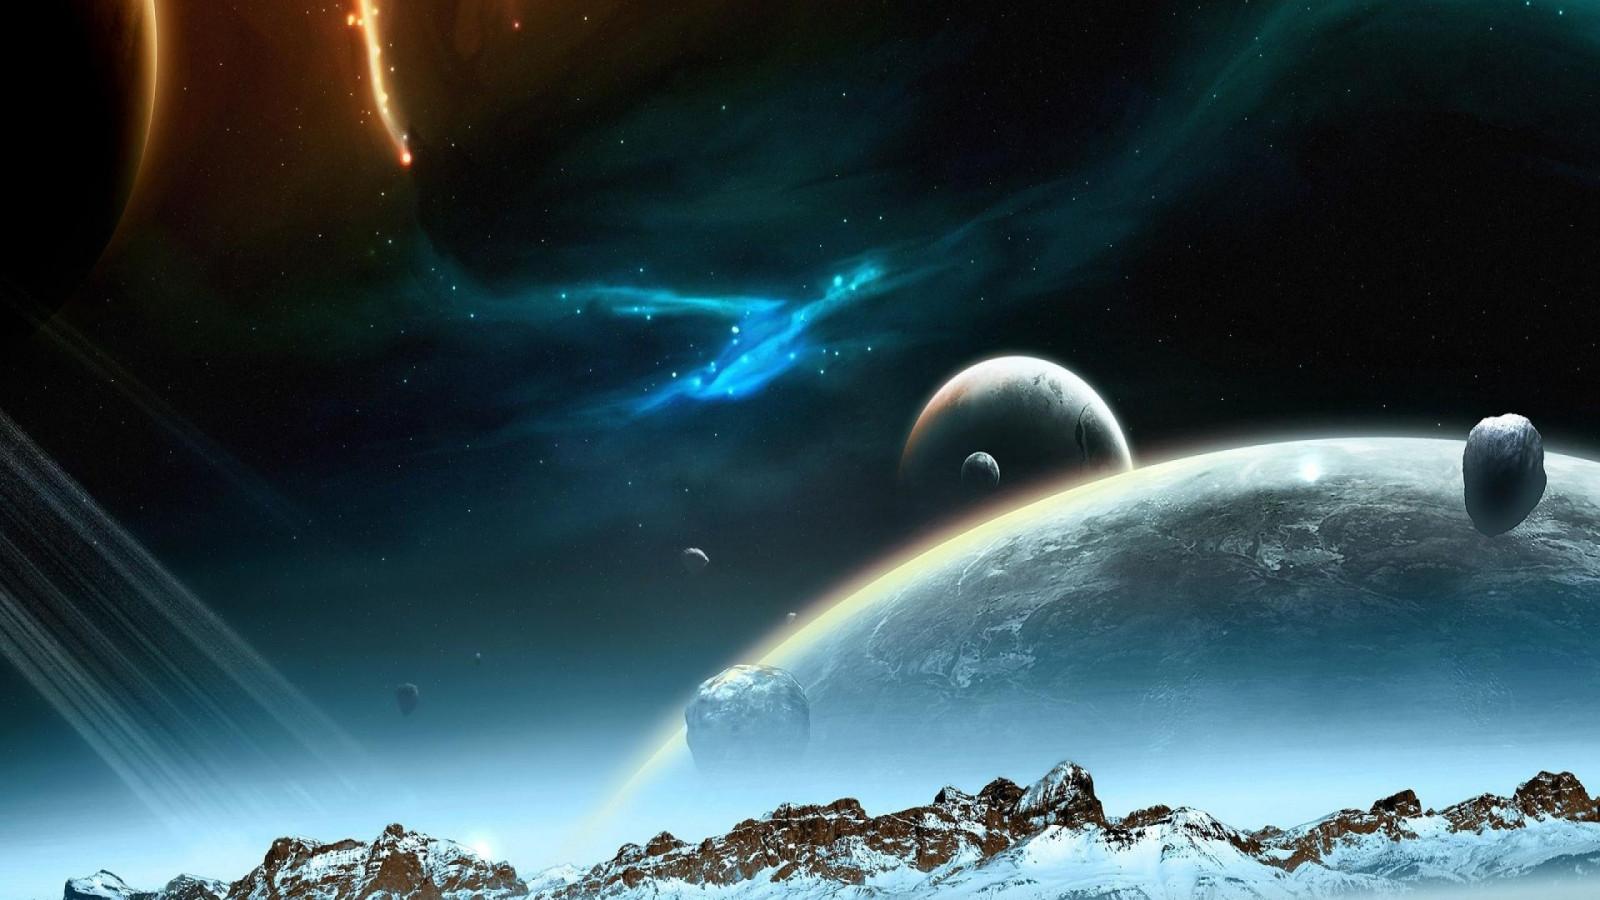 Fond d'écran : art numérique, planète, 3D, espace, étoiles, Terre, atmosphère, univers ...